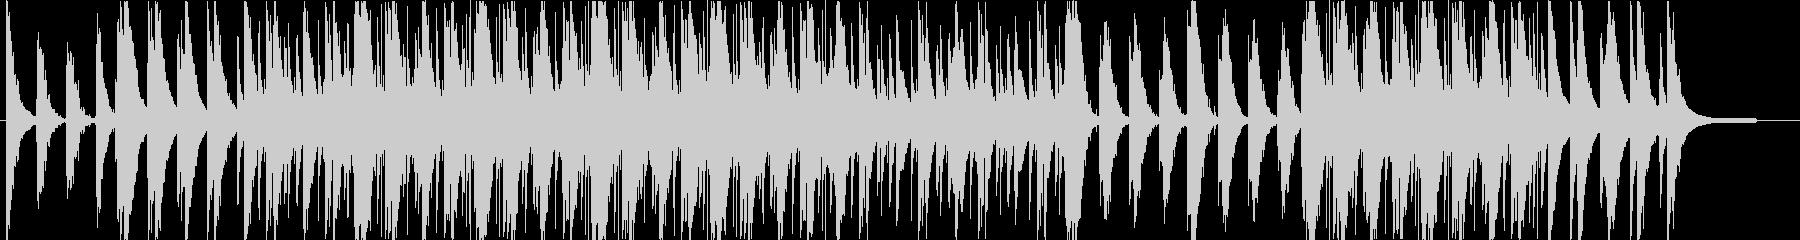 優雅で透明感のあるピアノエレクトロニカの未再生の波形